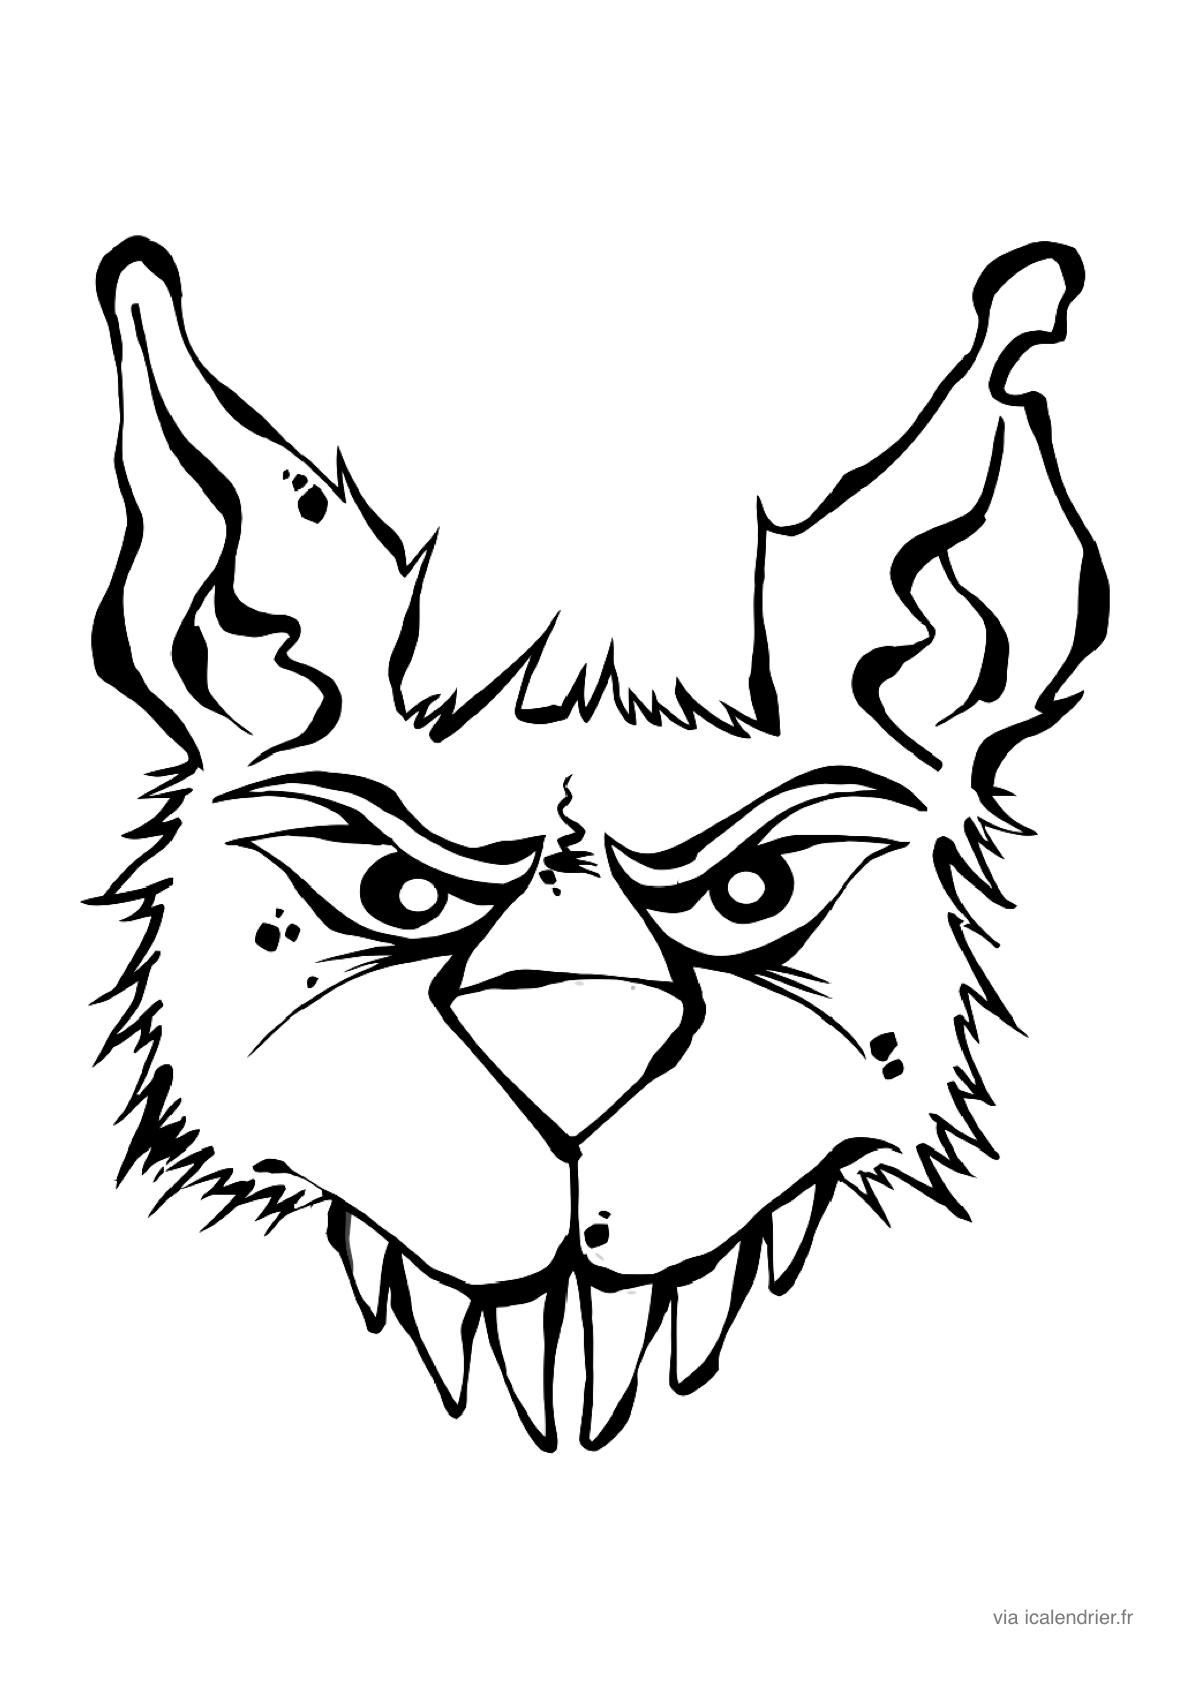 Masques Pour Mardi-Gras À Imprimer Gratuitement - Icalendrier tout Masque Loup A Colorier